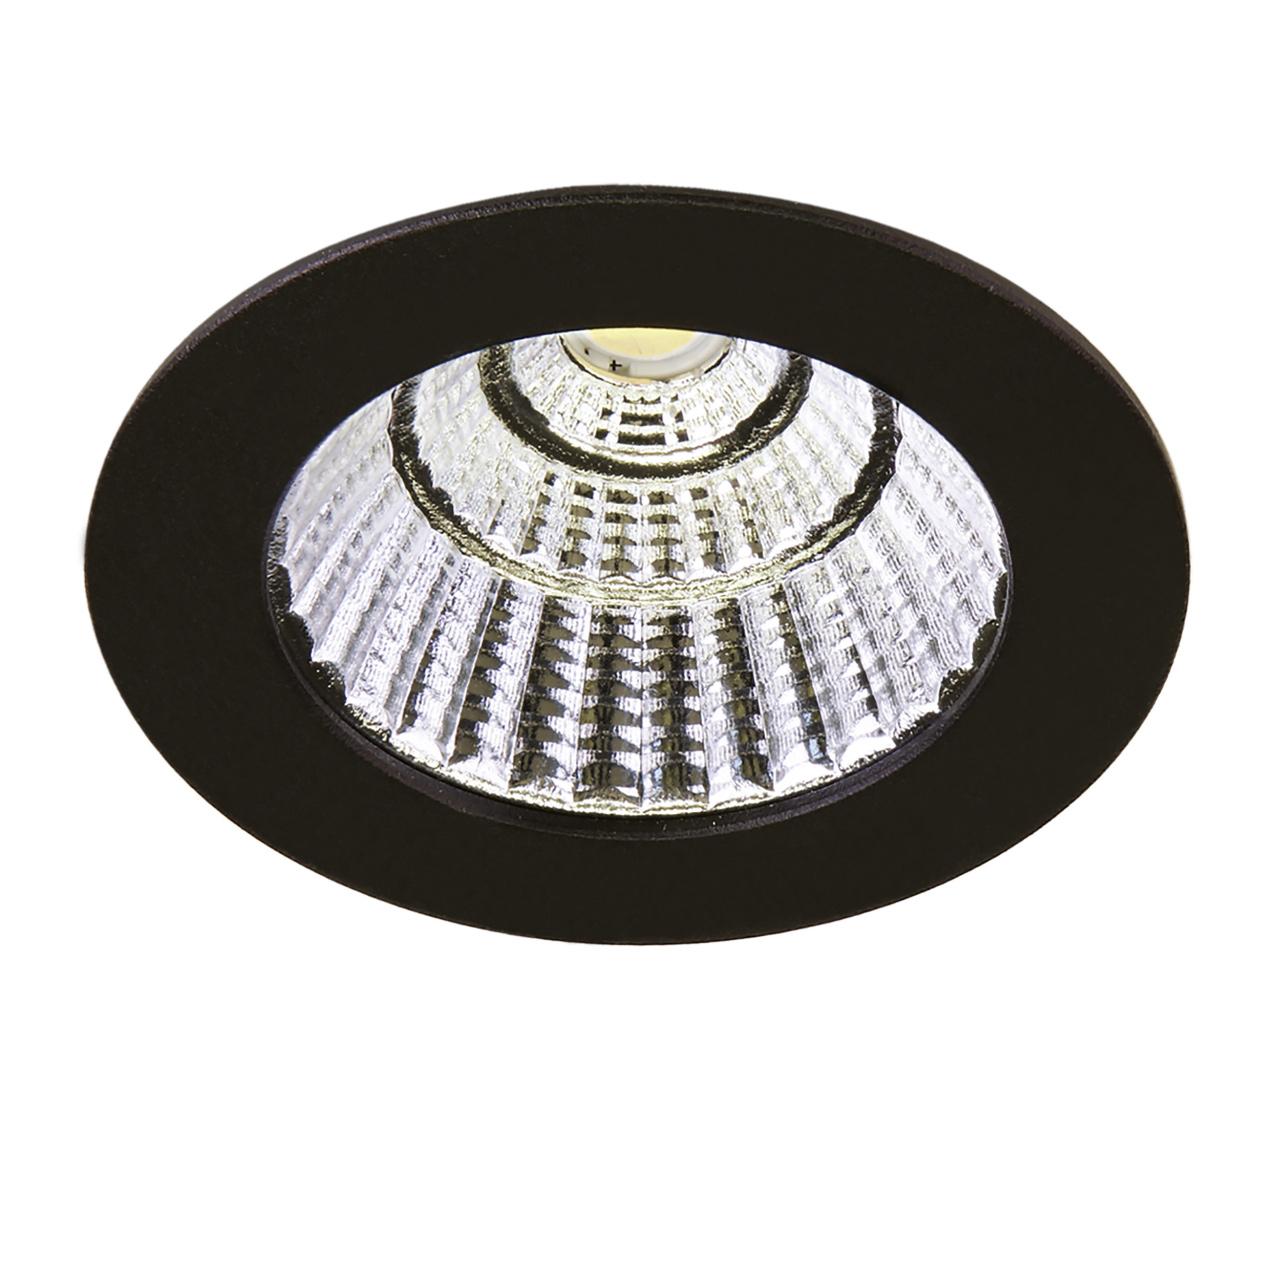 Светильник SOFFI 11 LED 7W 630LM 40G черный 3000K Lightstar 212417